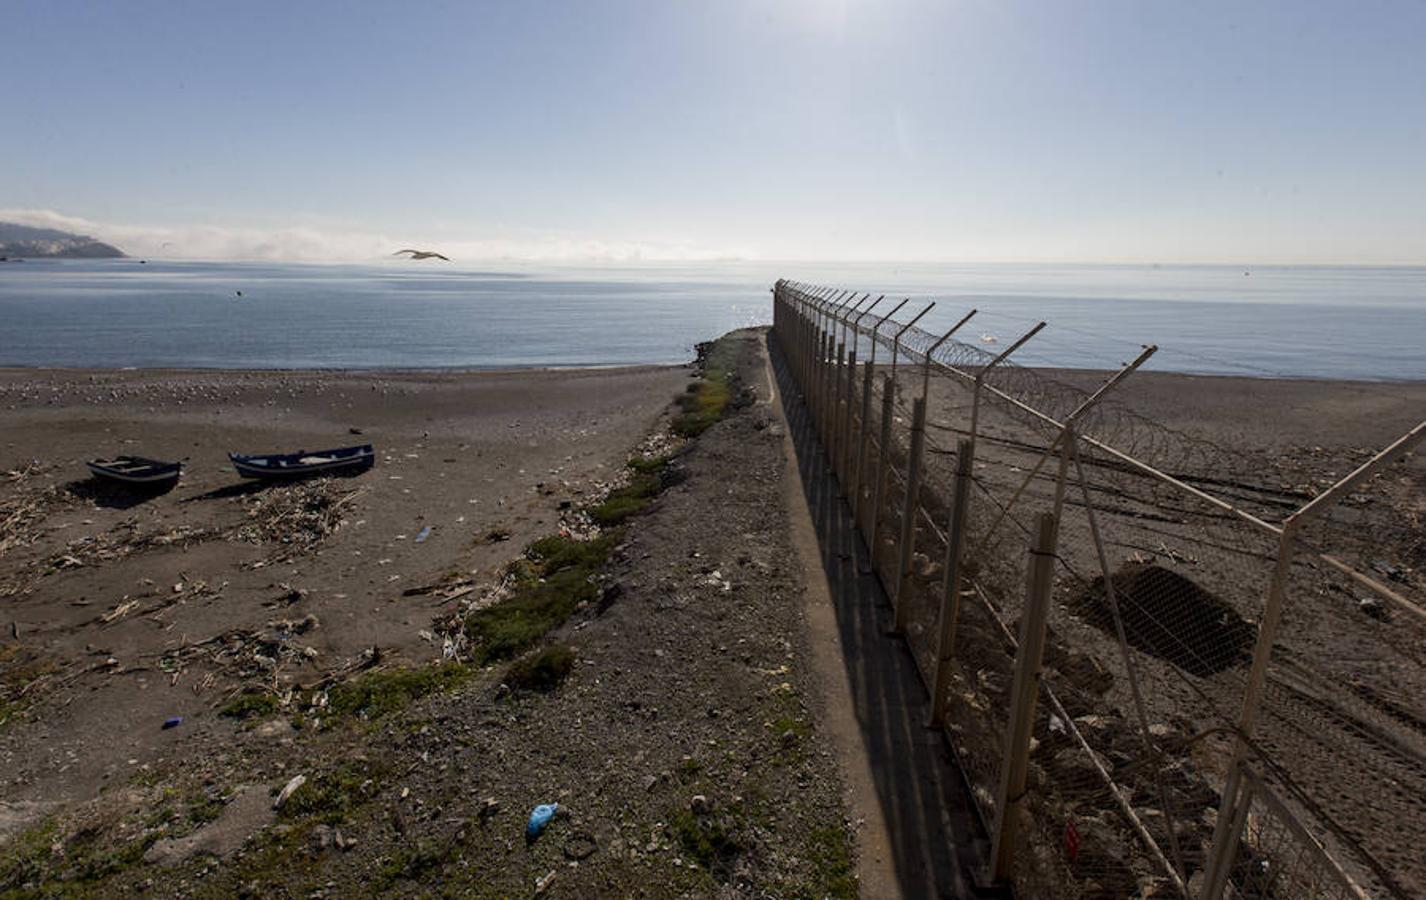 Playa del Tarajal, espigón donde fallecieron 14 subsaharianos en febrero de 2014